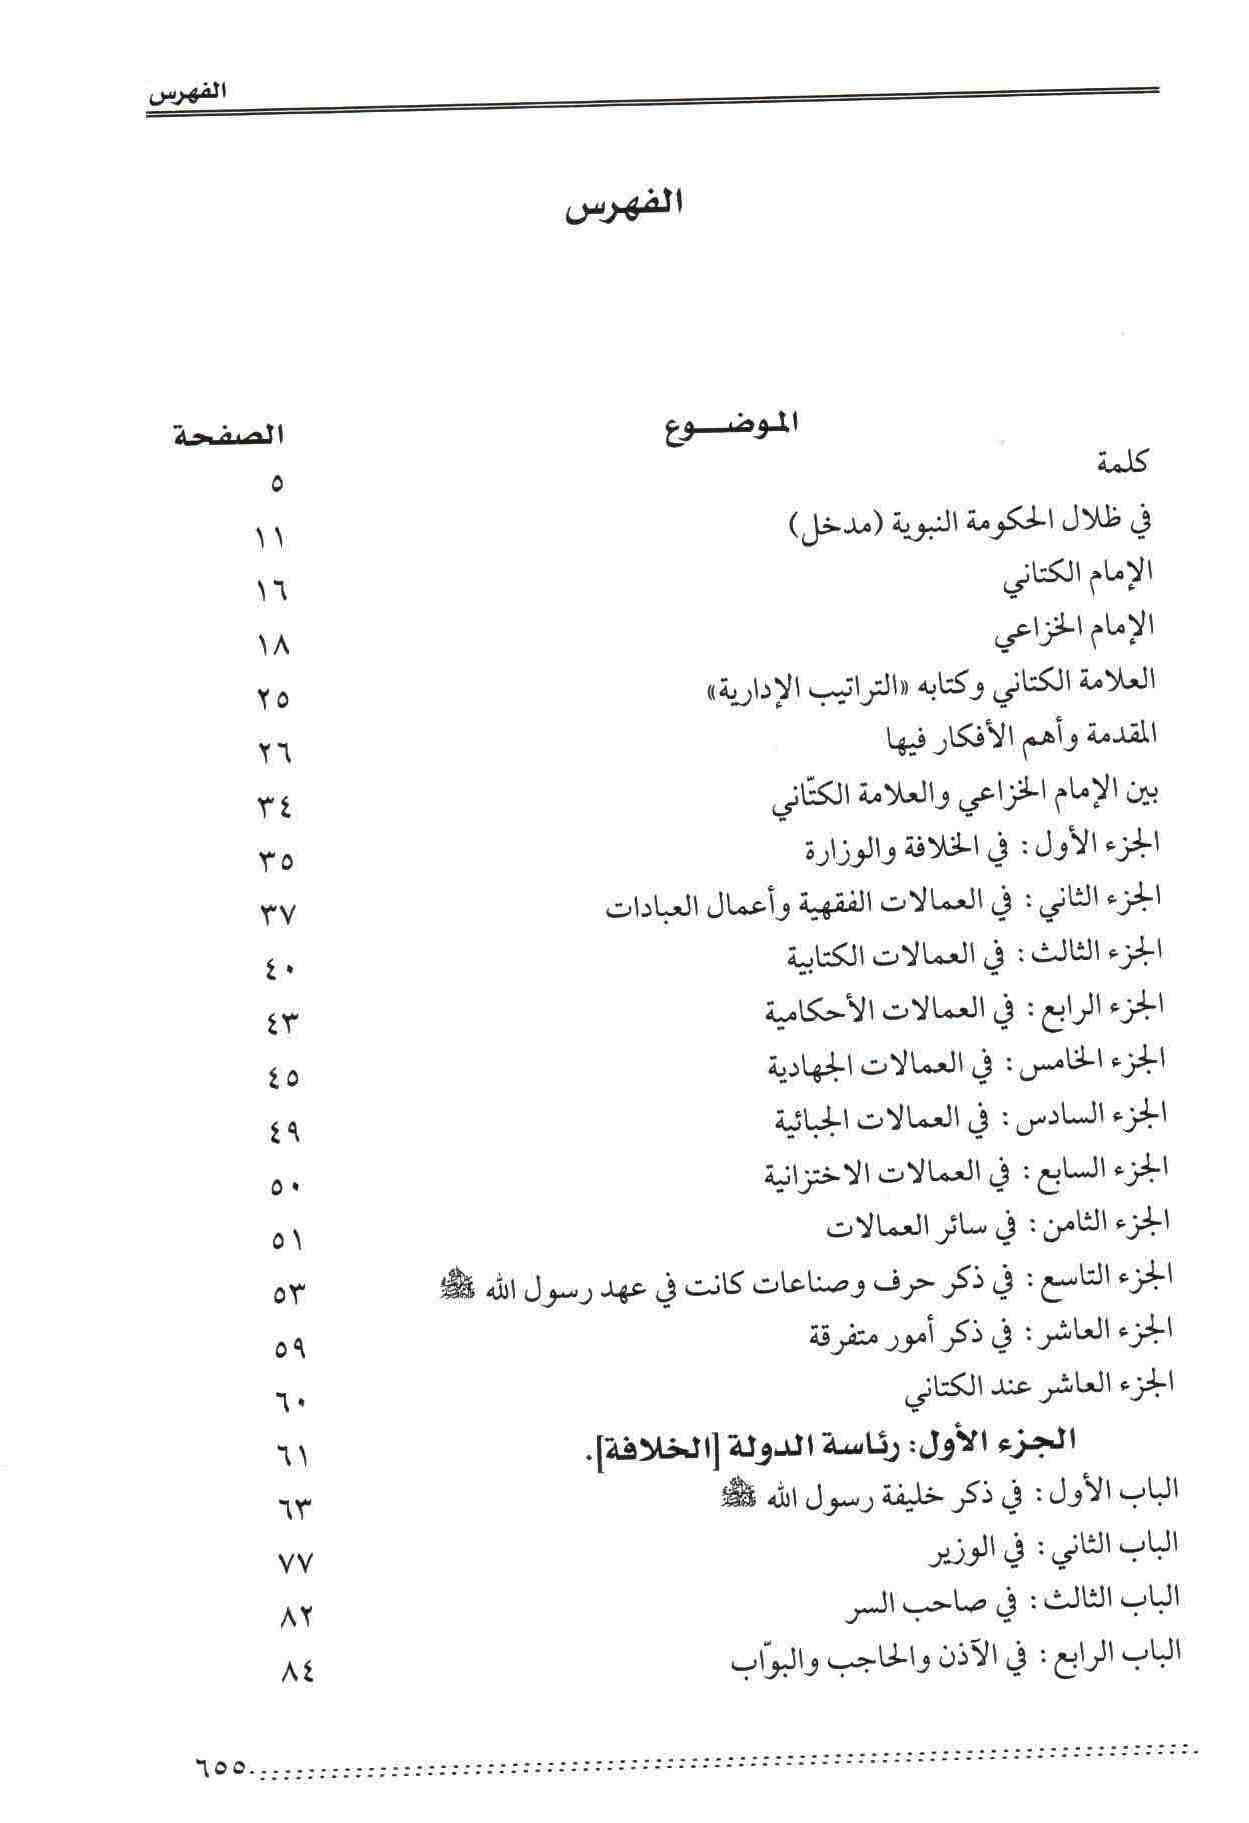 ص 655 محتويات كتاب نظام الحكومة النبوية المسمي التراتيب الإدارية